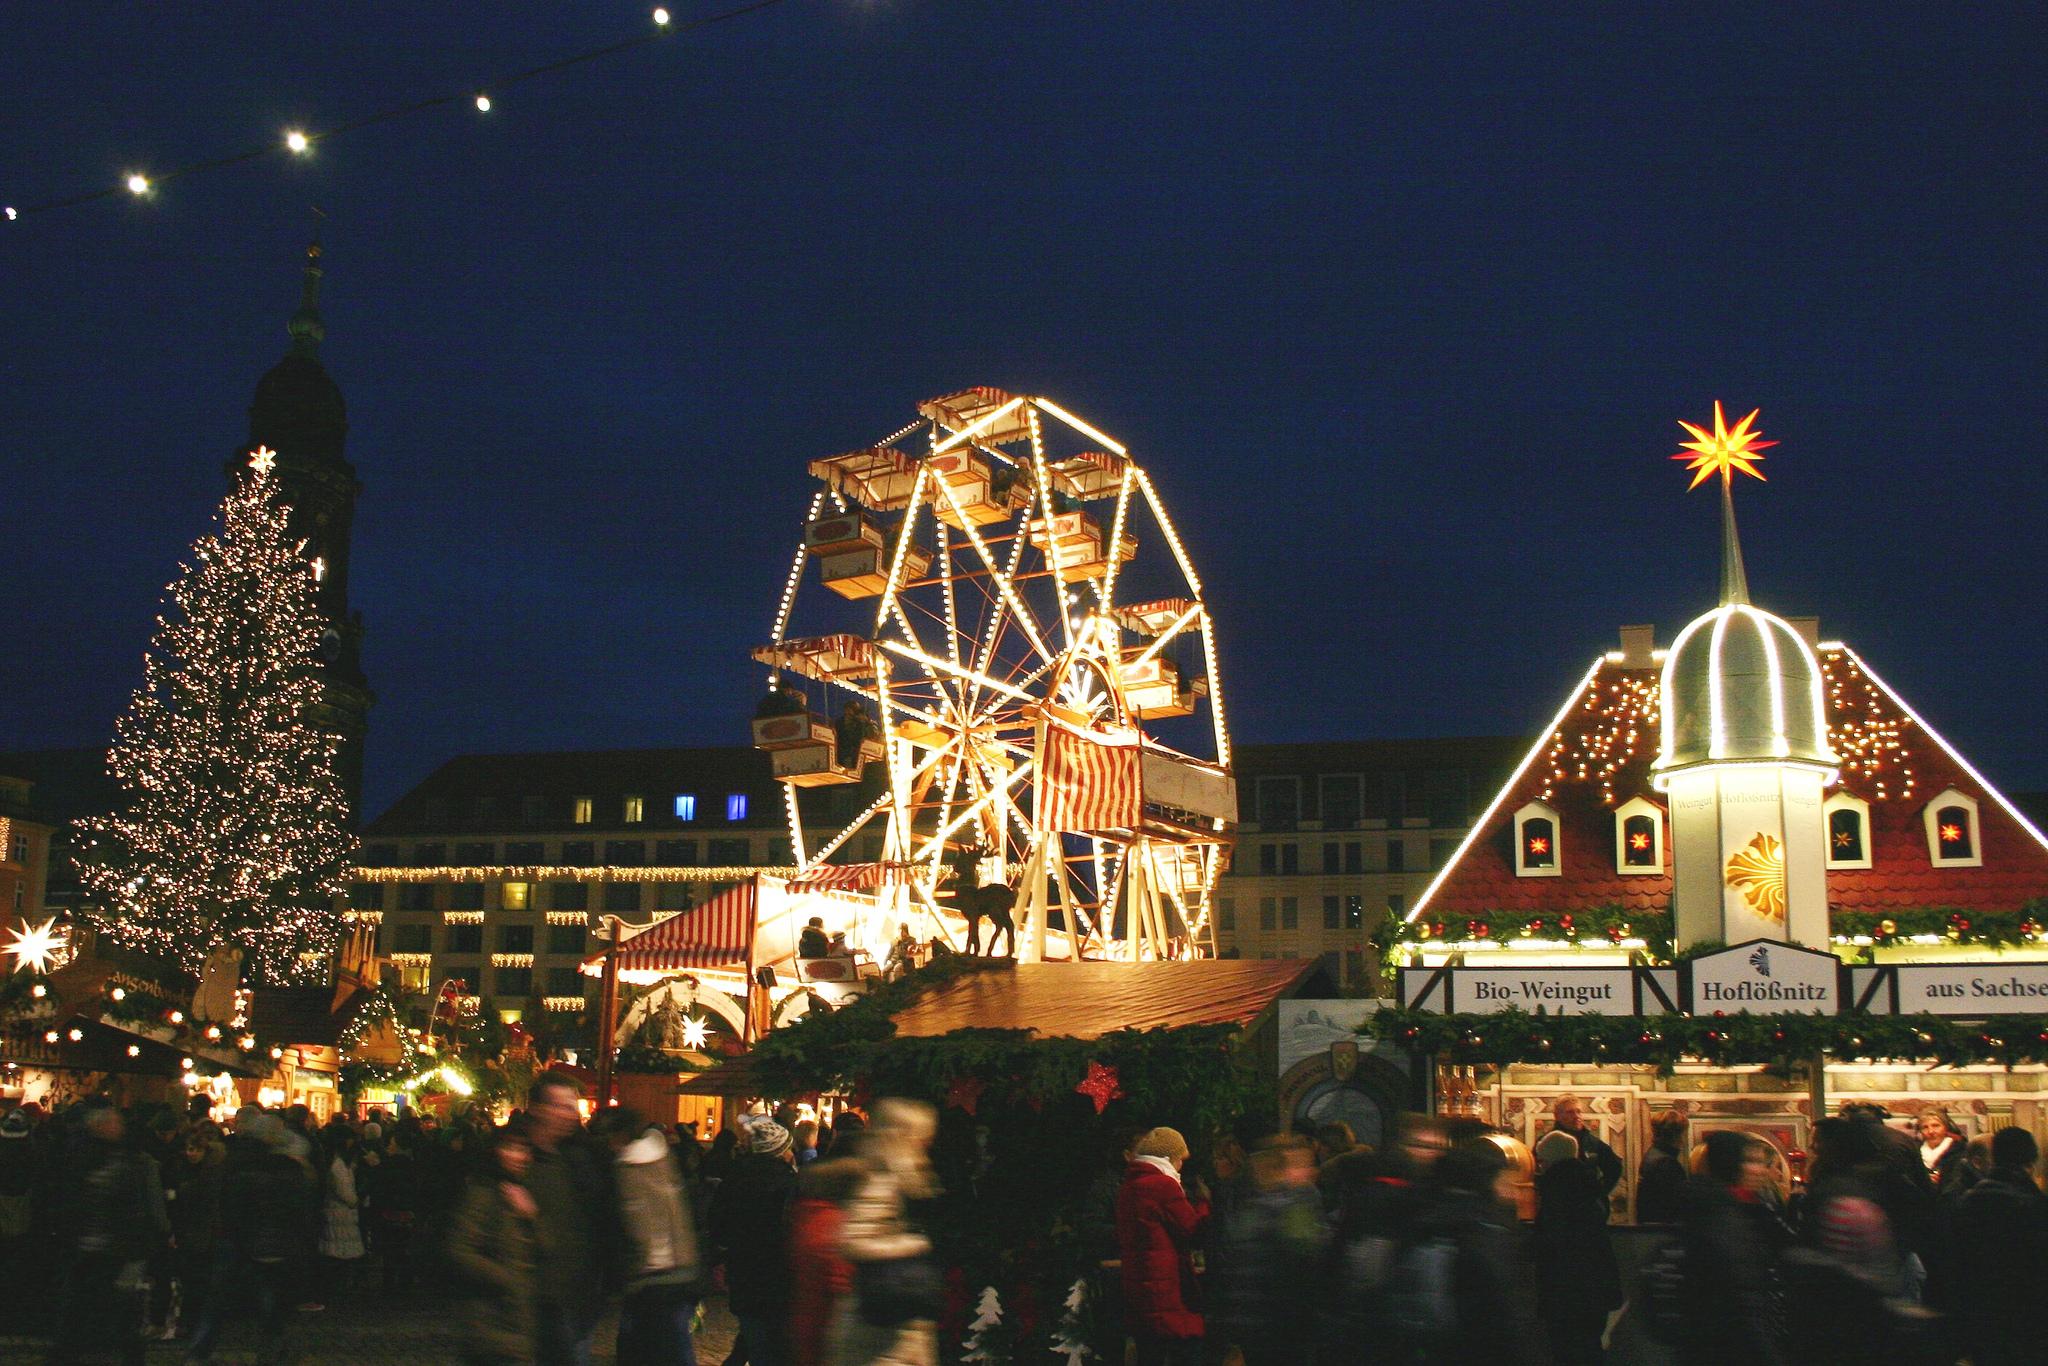 Schöner Weihnachtsmarkt Deutschland.Die Schönsten Weihnachtsmärkte Im Osten Von Deutschland